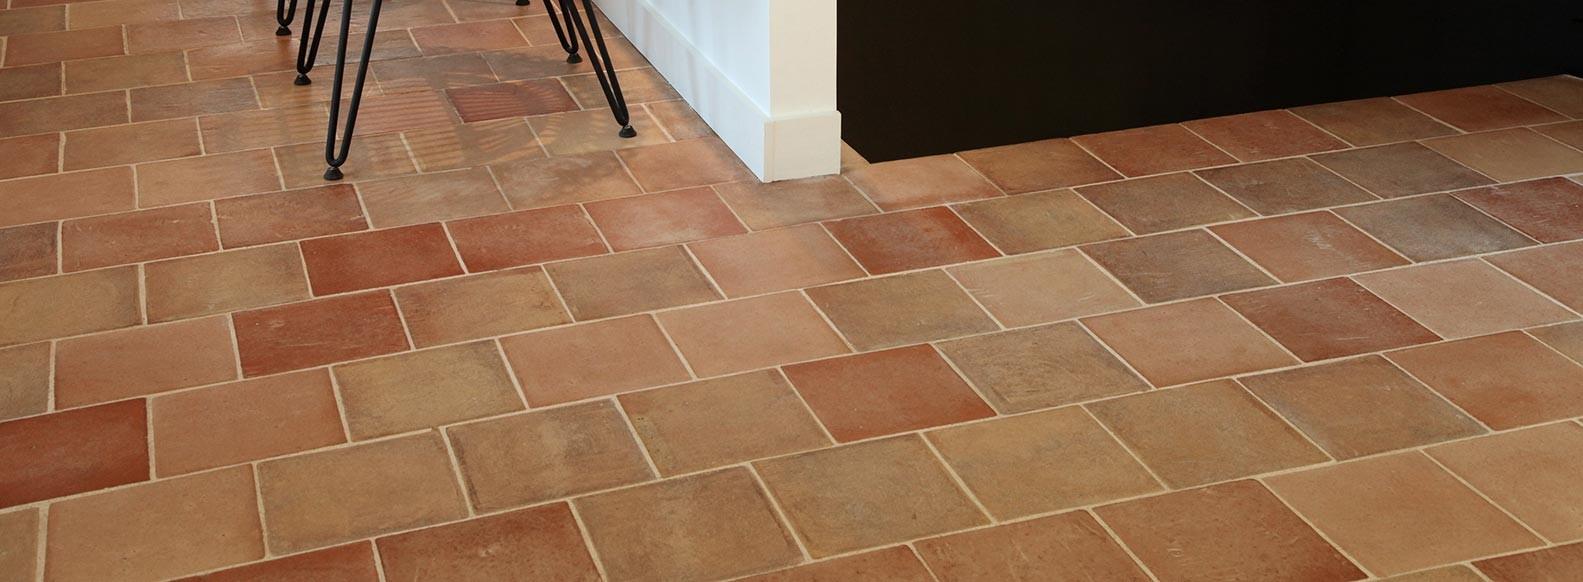 terracotta floor tile for your interior